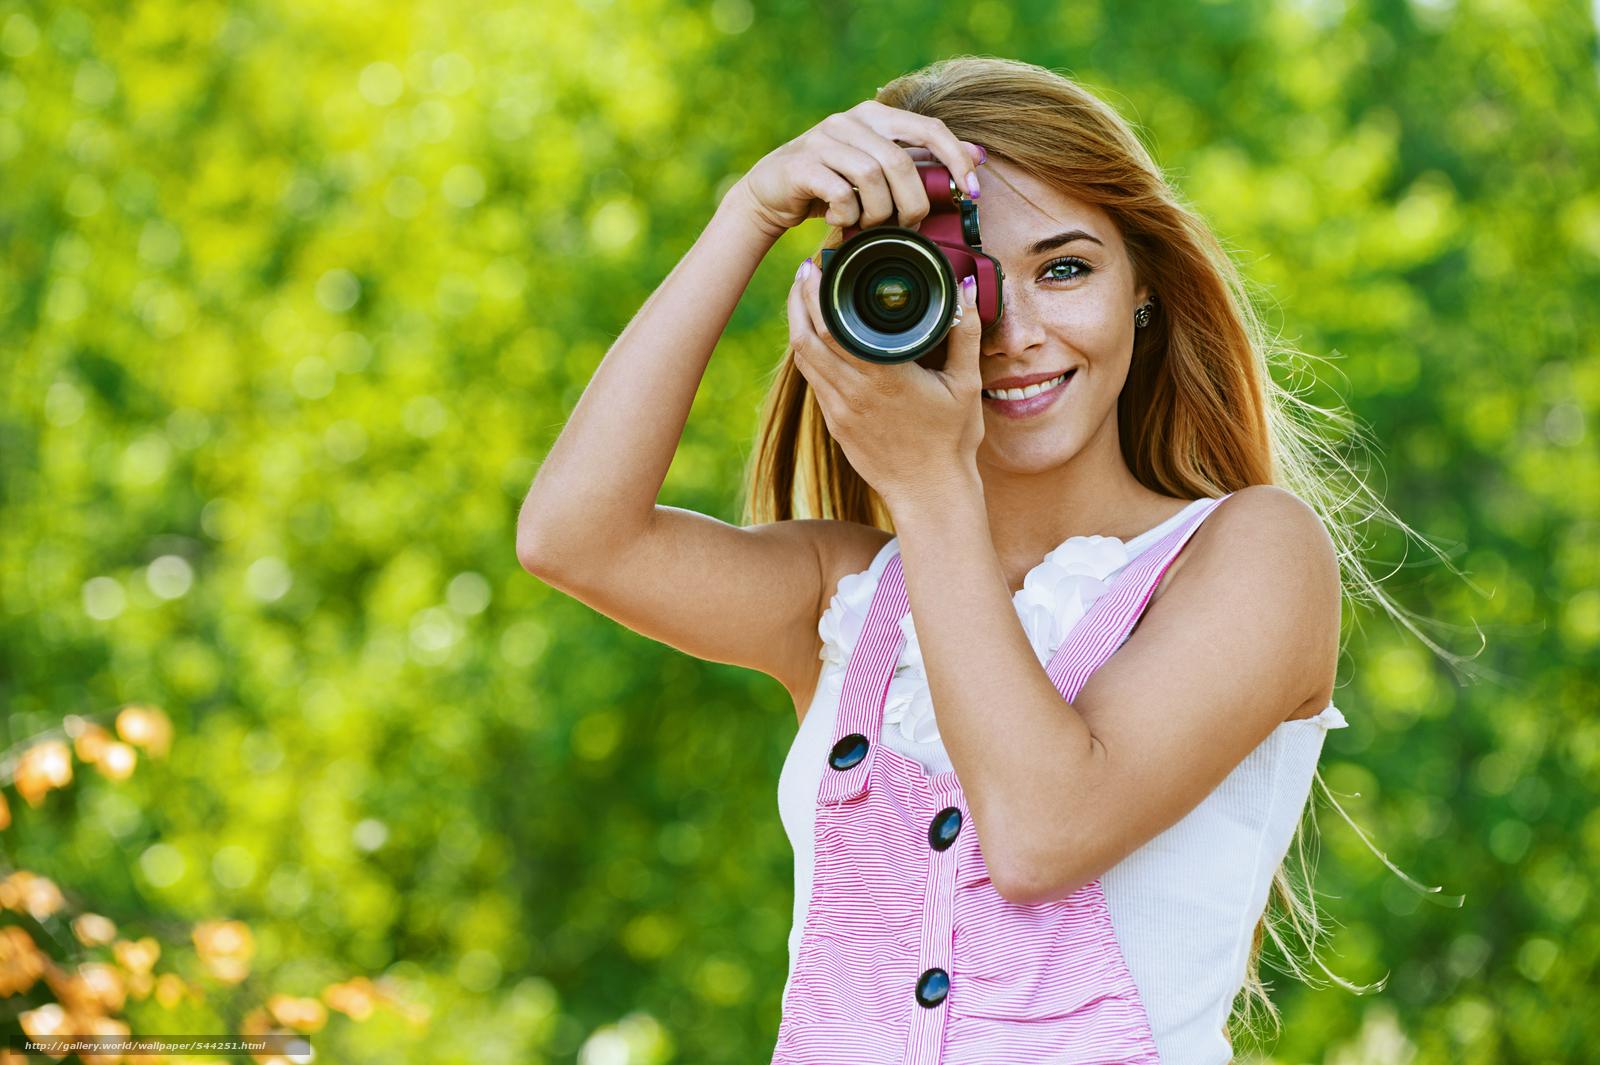 Фото красивых девушек сфотографированных на мобильный 17 фотография